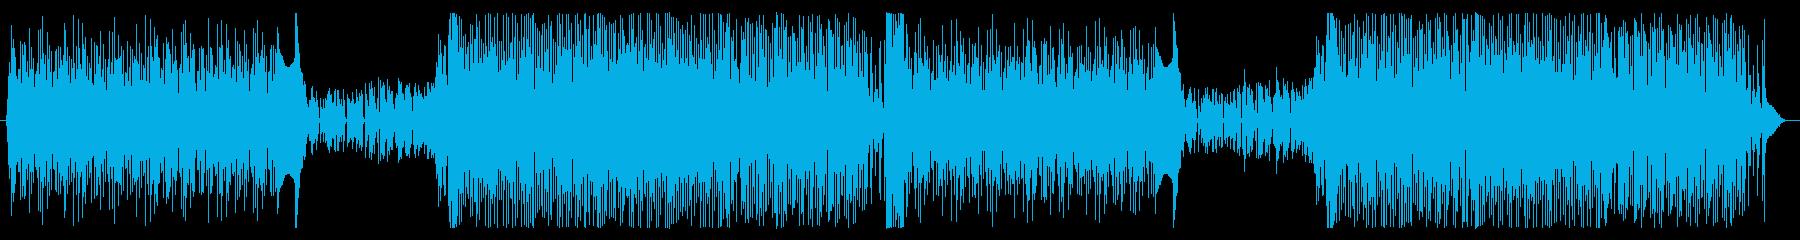 フューチャーハウスダンストラックの再生済みの波形